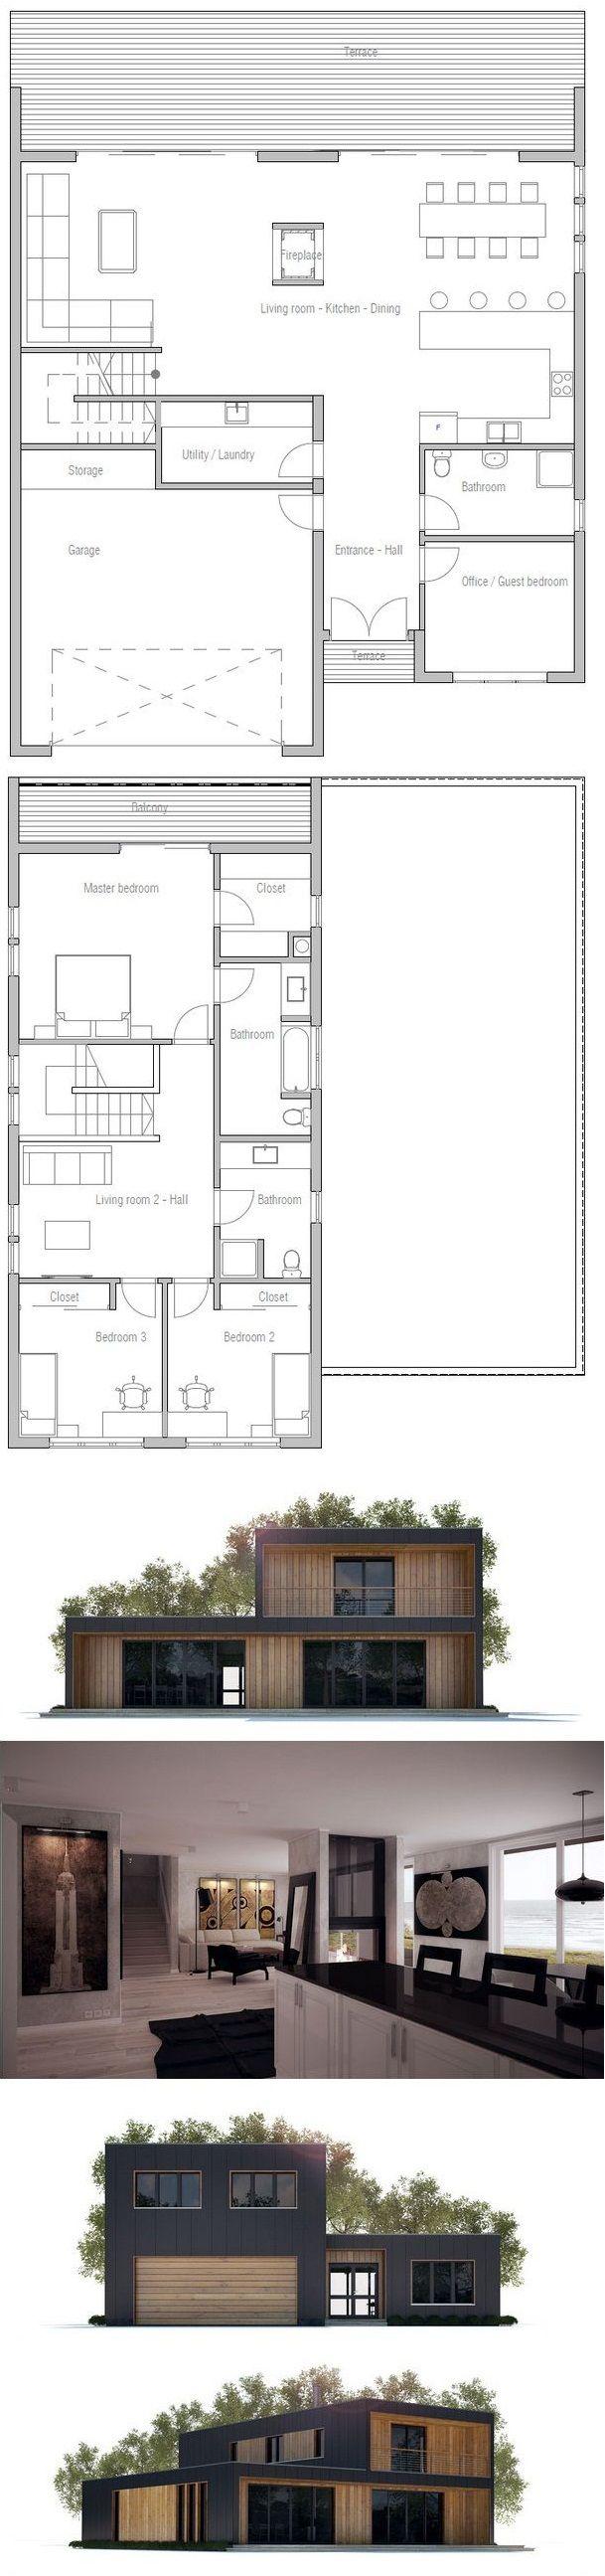 Floor Plan - love the 2 way fp